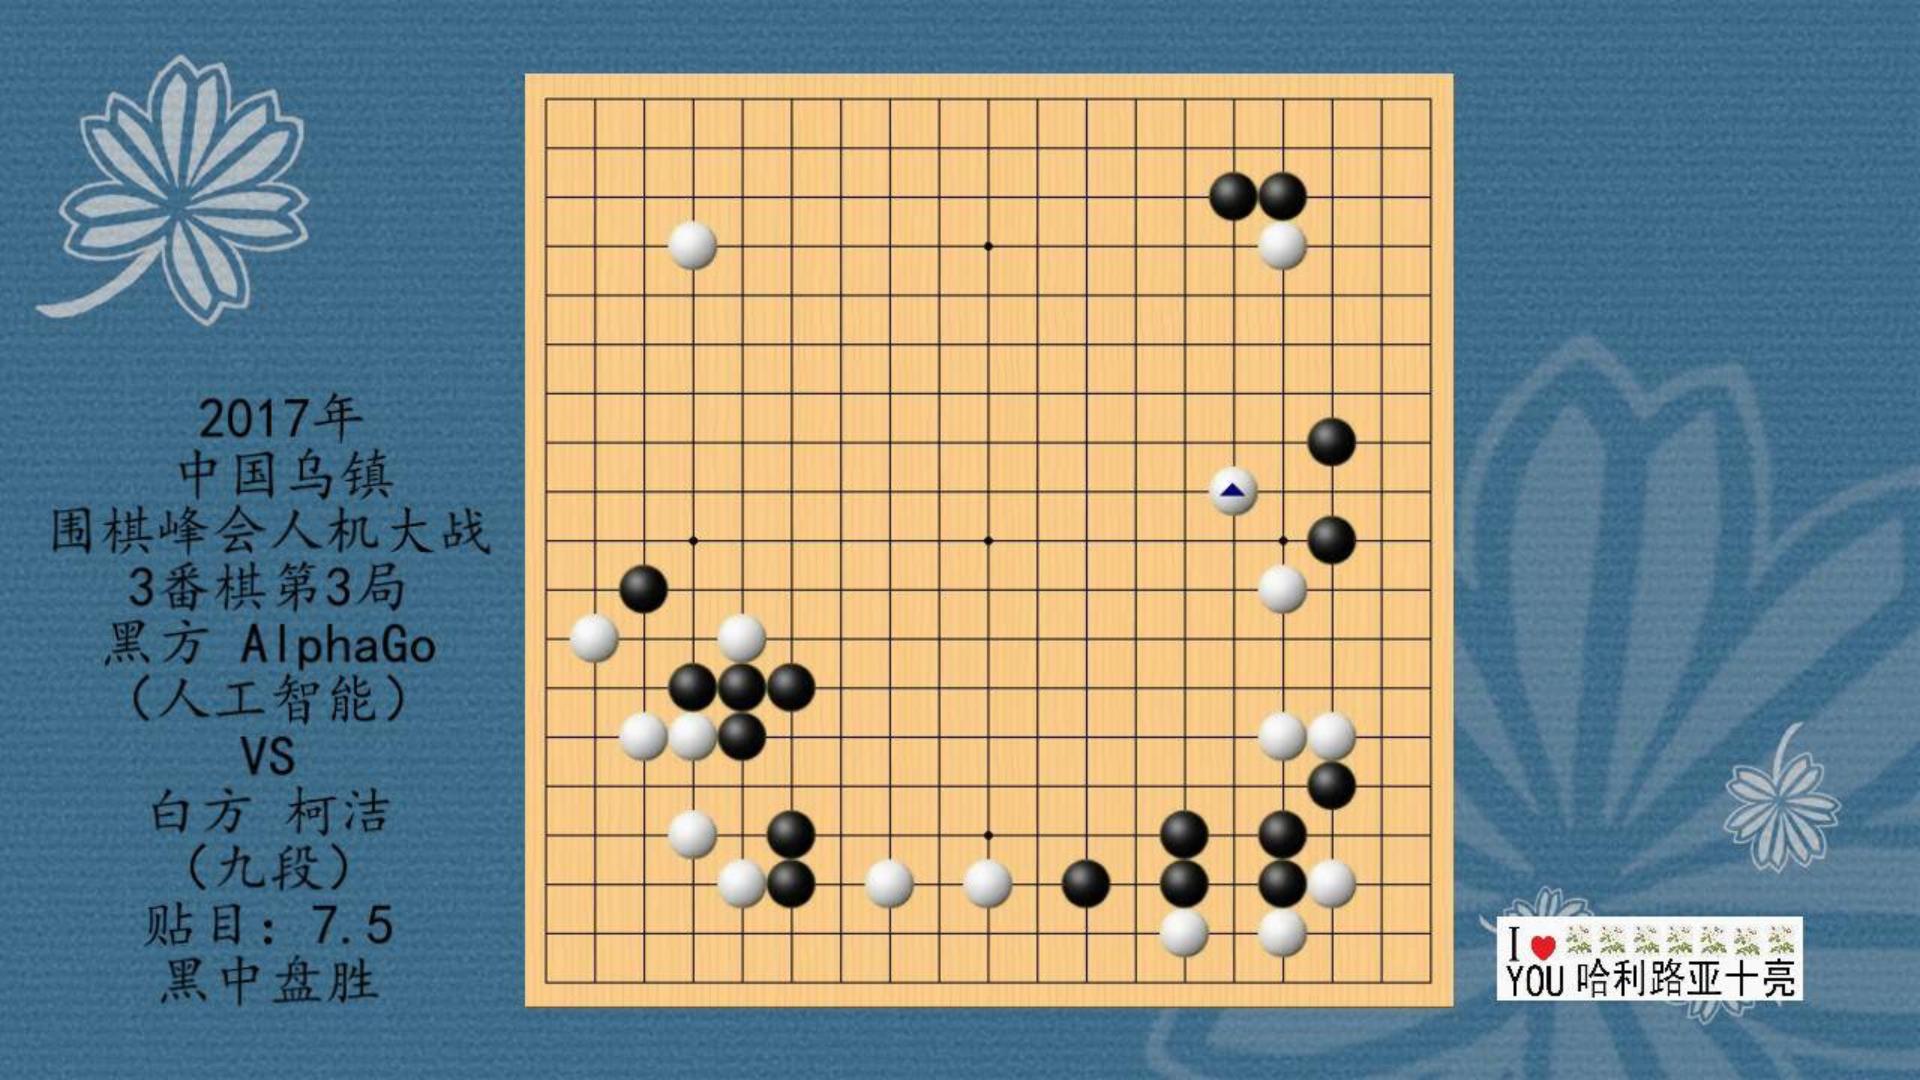 中国乌镇围棋峰会人机大战3番第3局,AlphaGo VS 柯洁,黑中盘胜